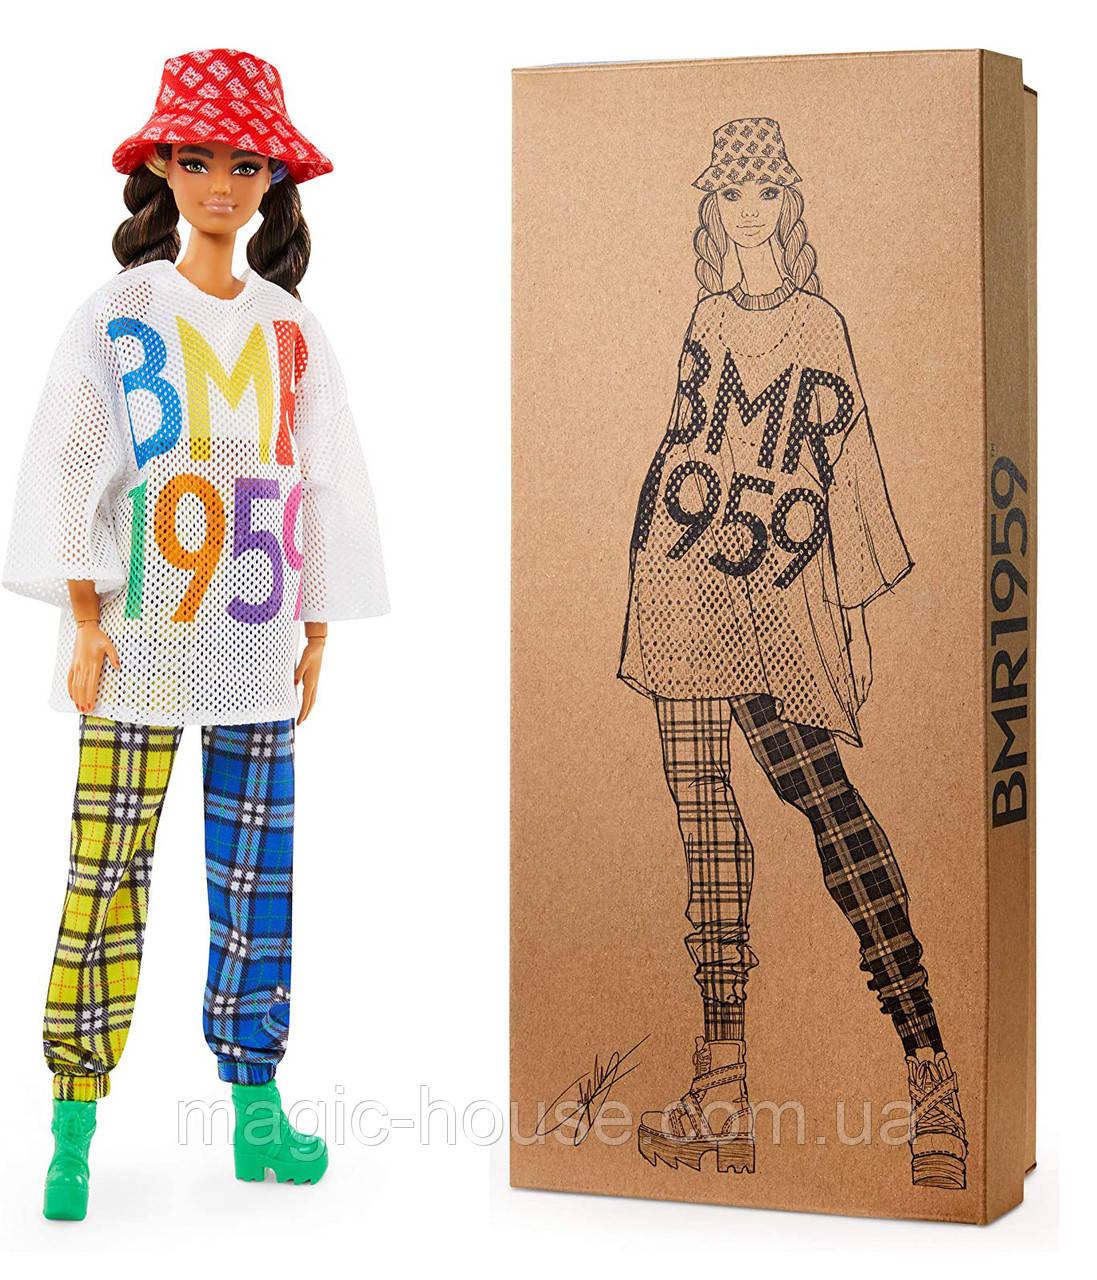 Лялька Барбі Мулатка Barbie BMR1959 Fully Poseable Fashion Doll оригінал від Mattel